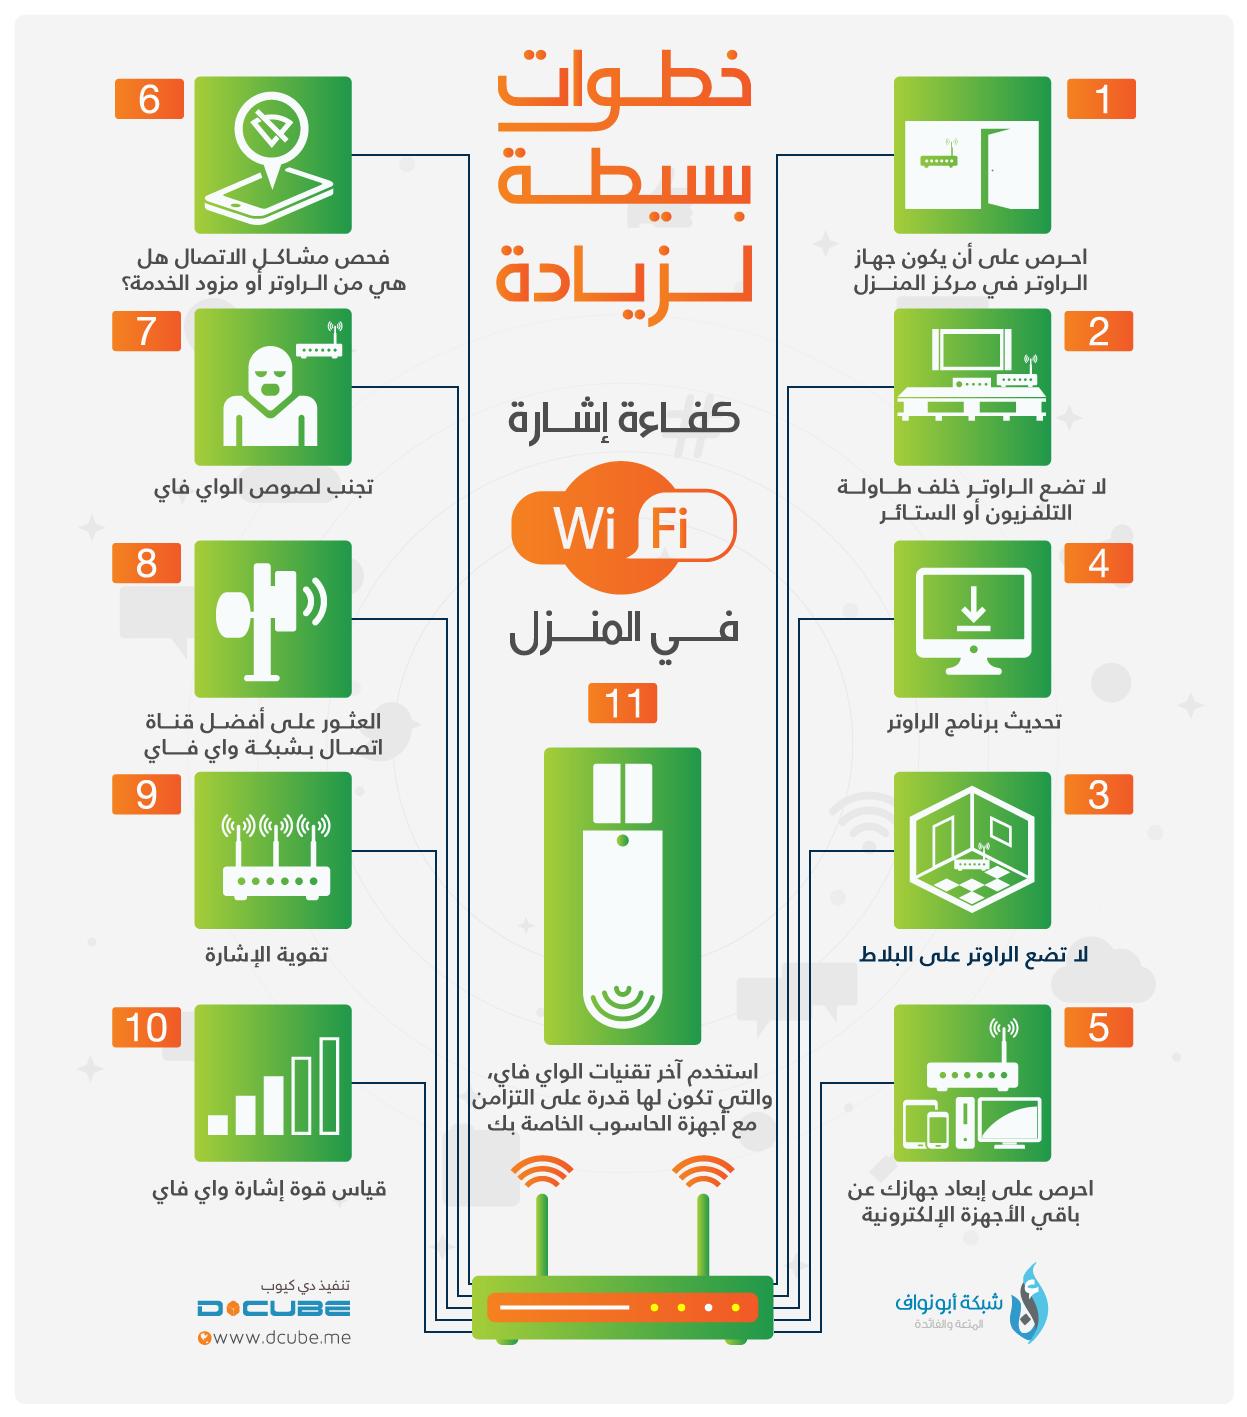 زيادة كفاءة إشارة واي فاي